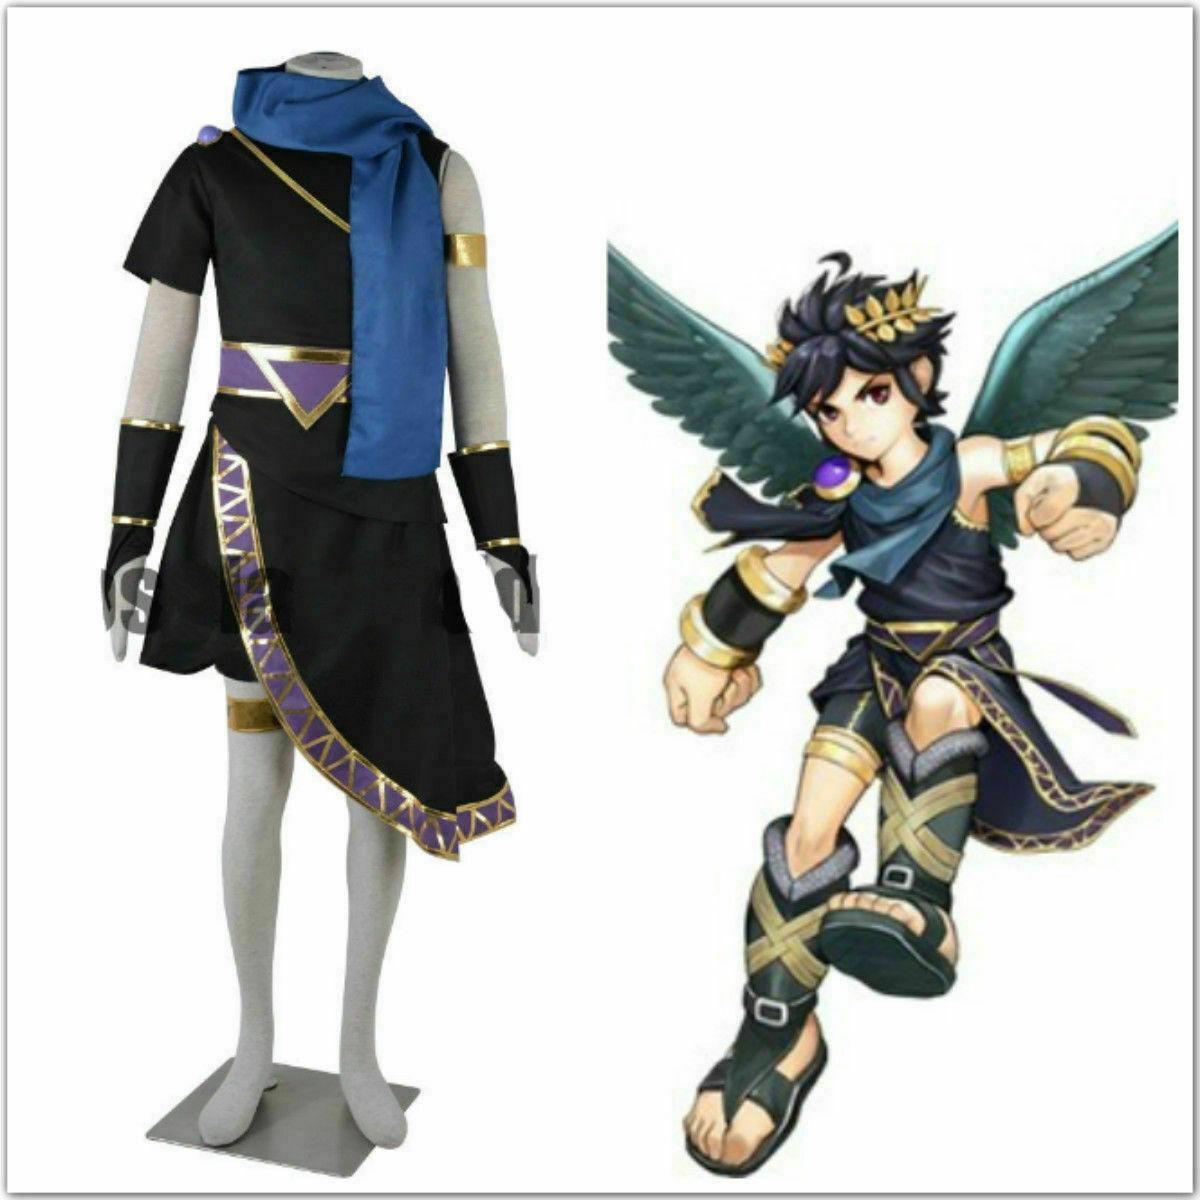 nouveau kid! Icarus Uprising Pit cosplay costume noir